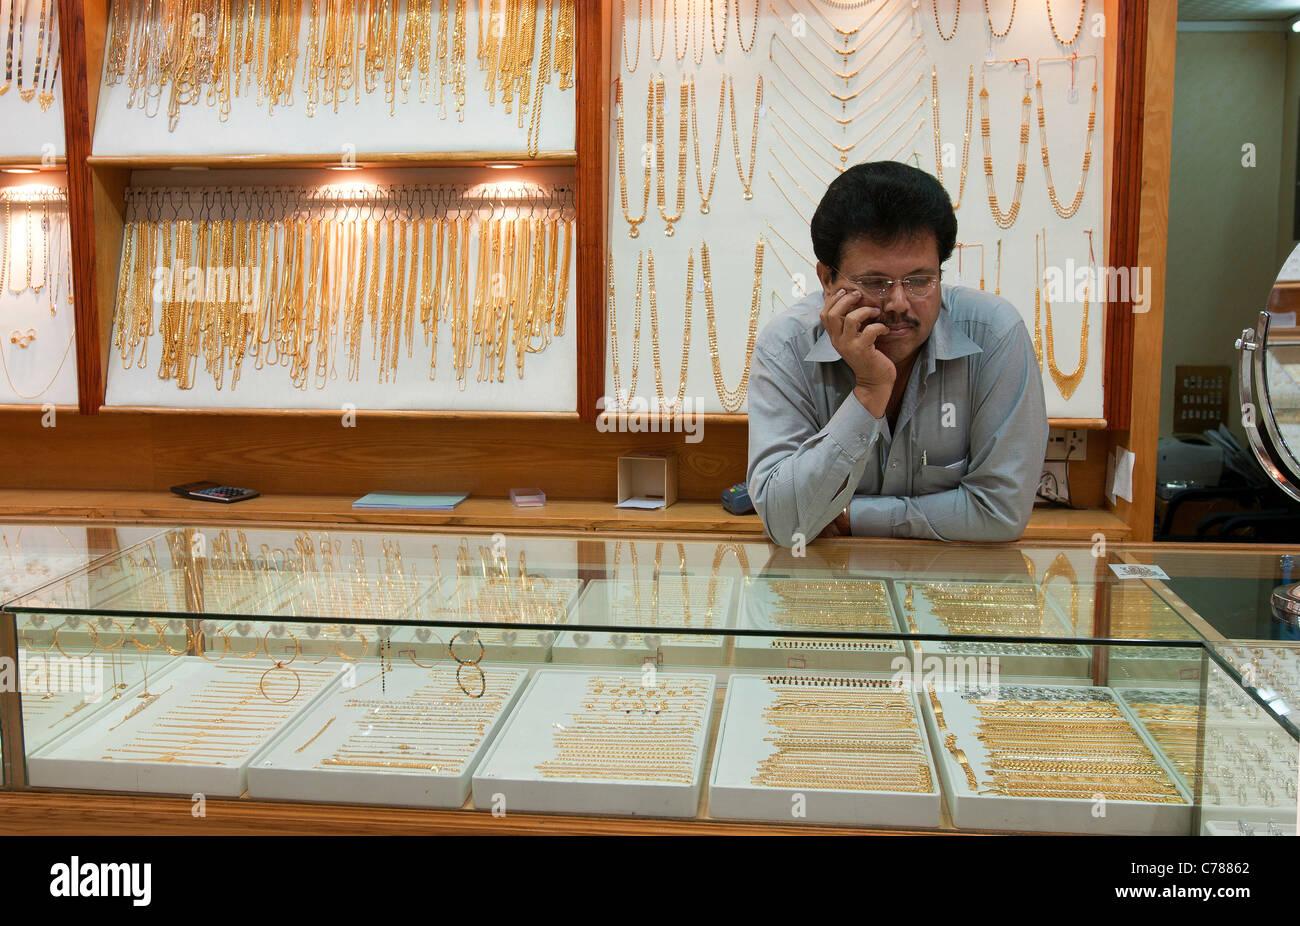 Dubai Gold Souk Stock Photos & Dubai Gold Souk Stock Images - Alamy